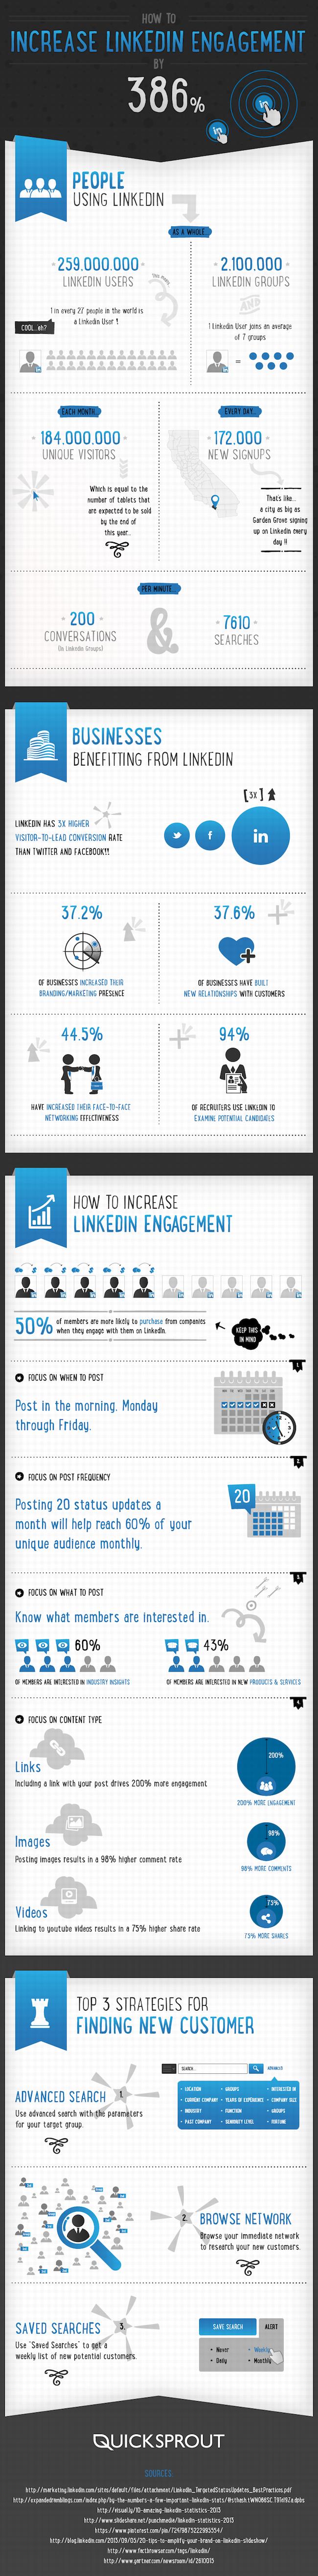 LinkedIn comment augmenter l'engagement et trouver de